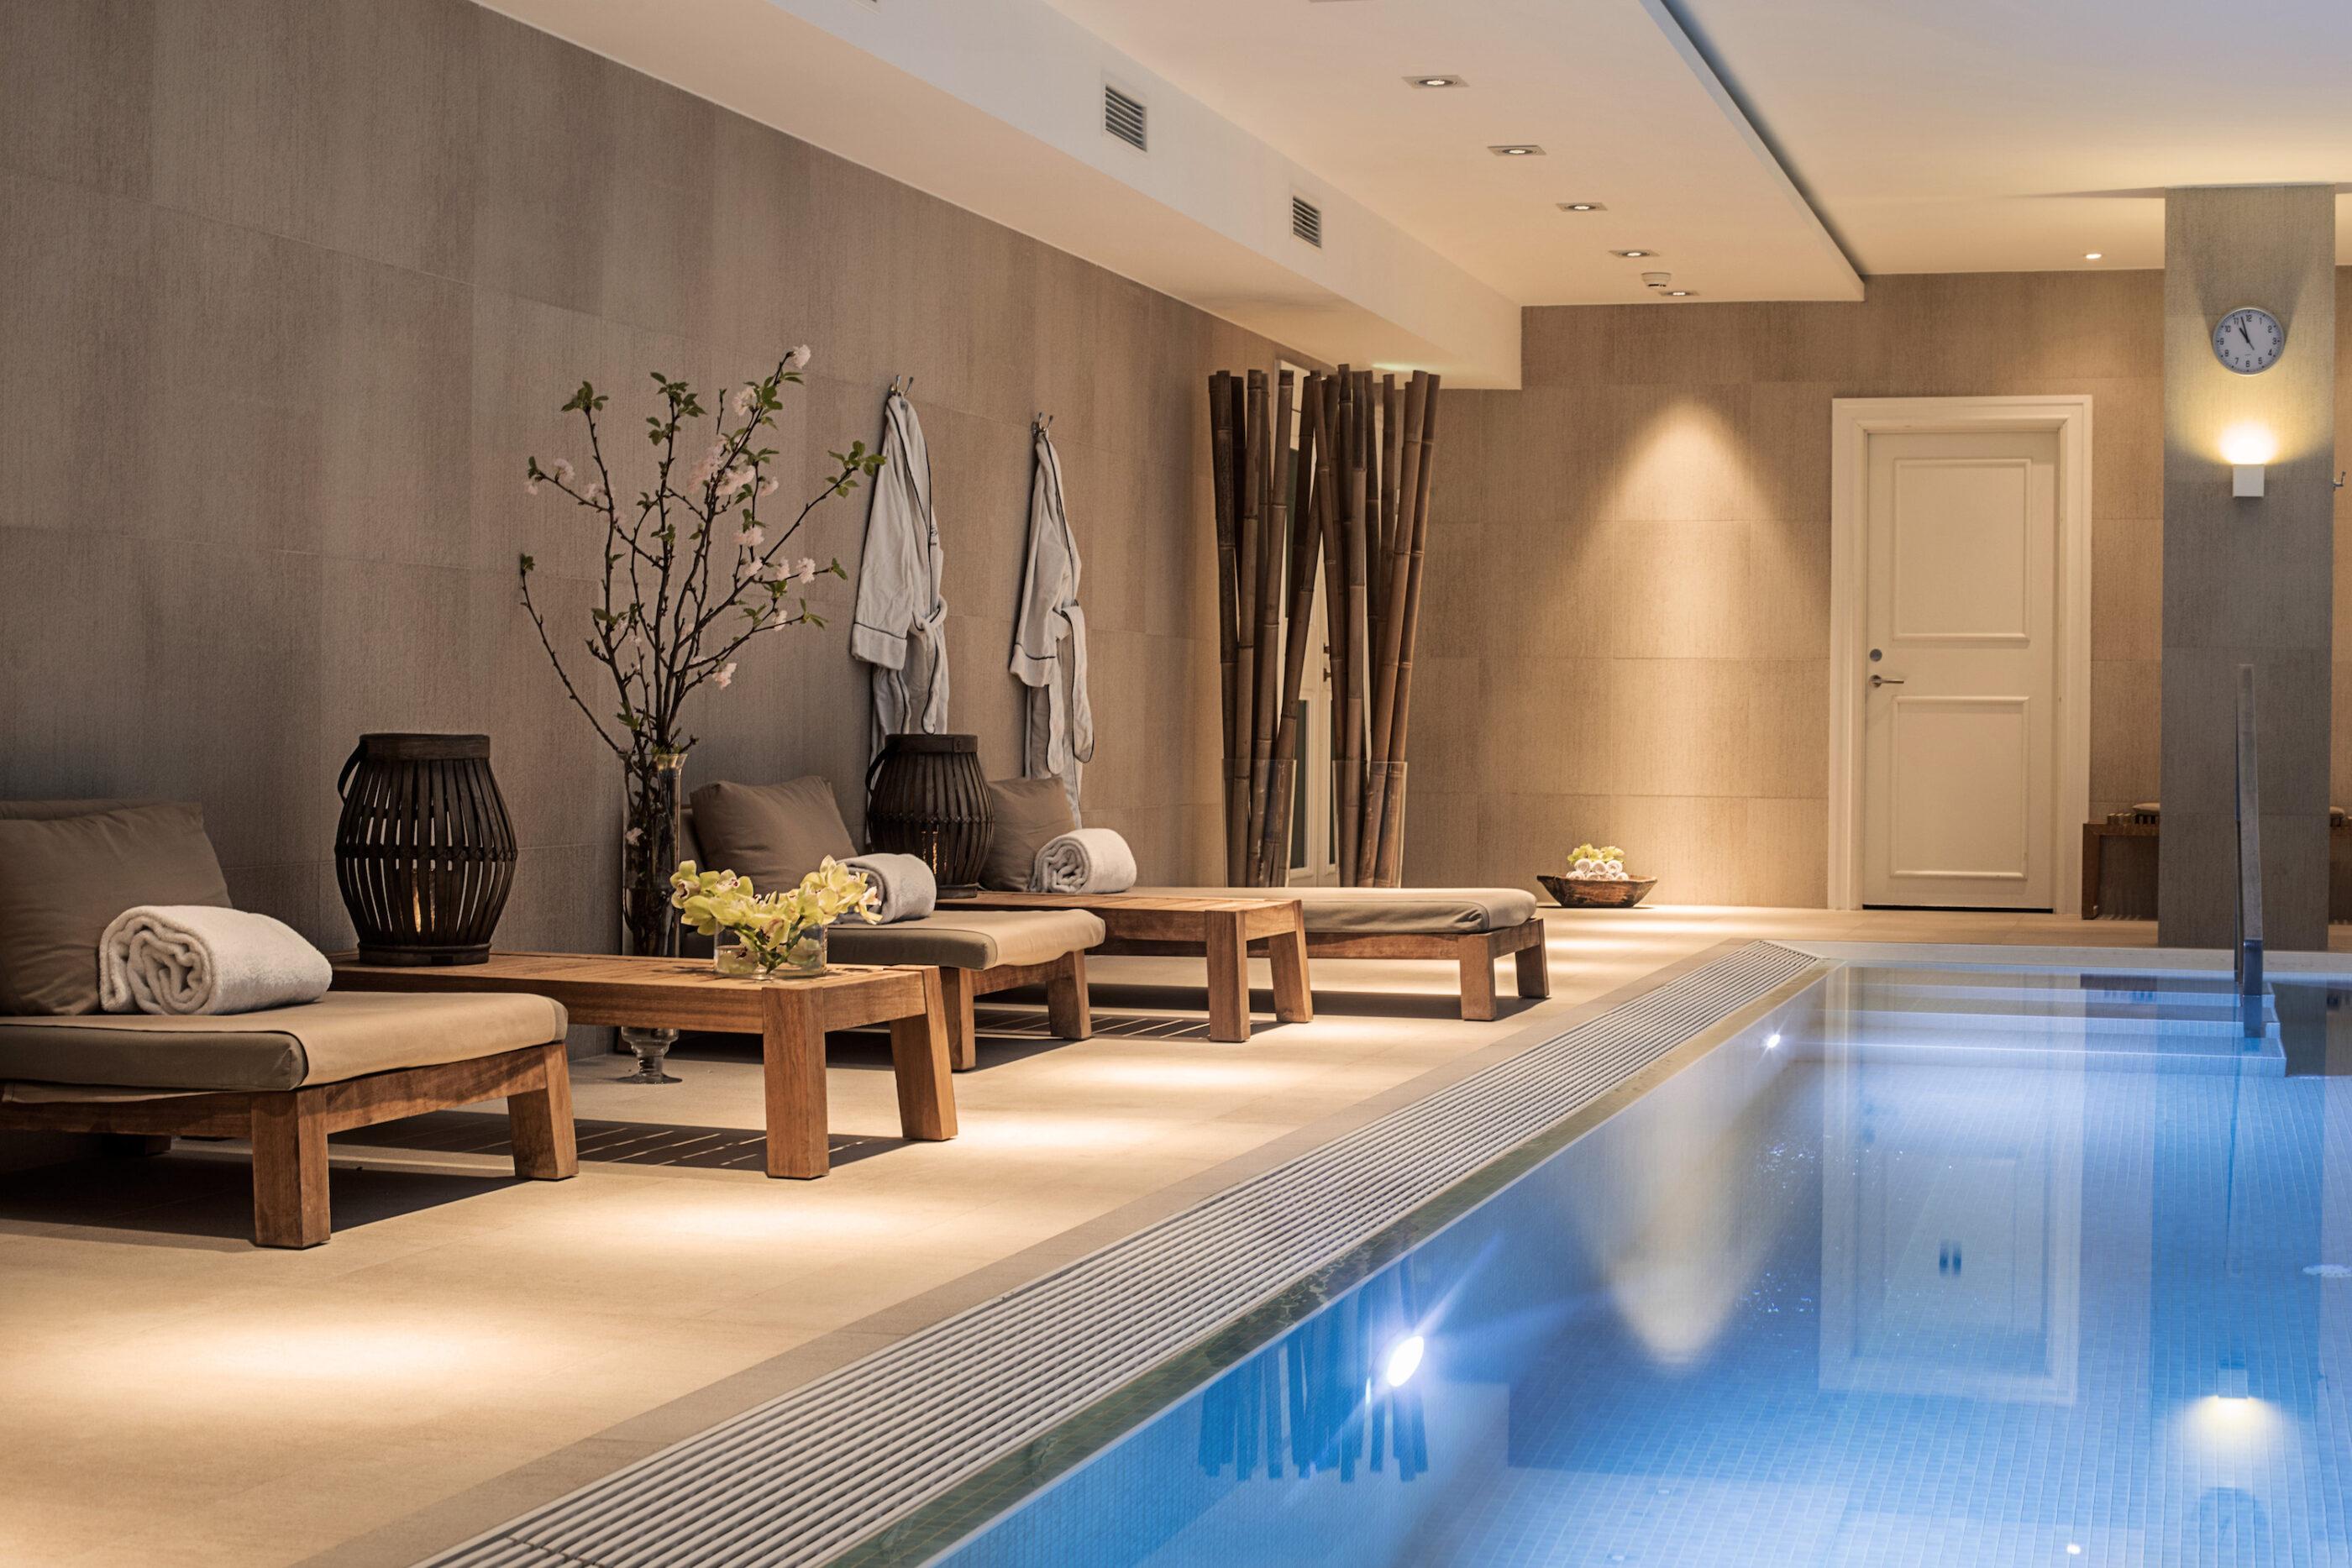 3 liggestole med håndklæder og kåber der hænger på væggen, samt belyst Infinity pool